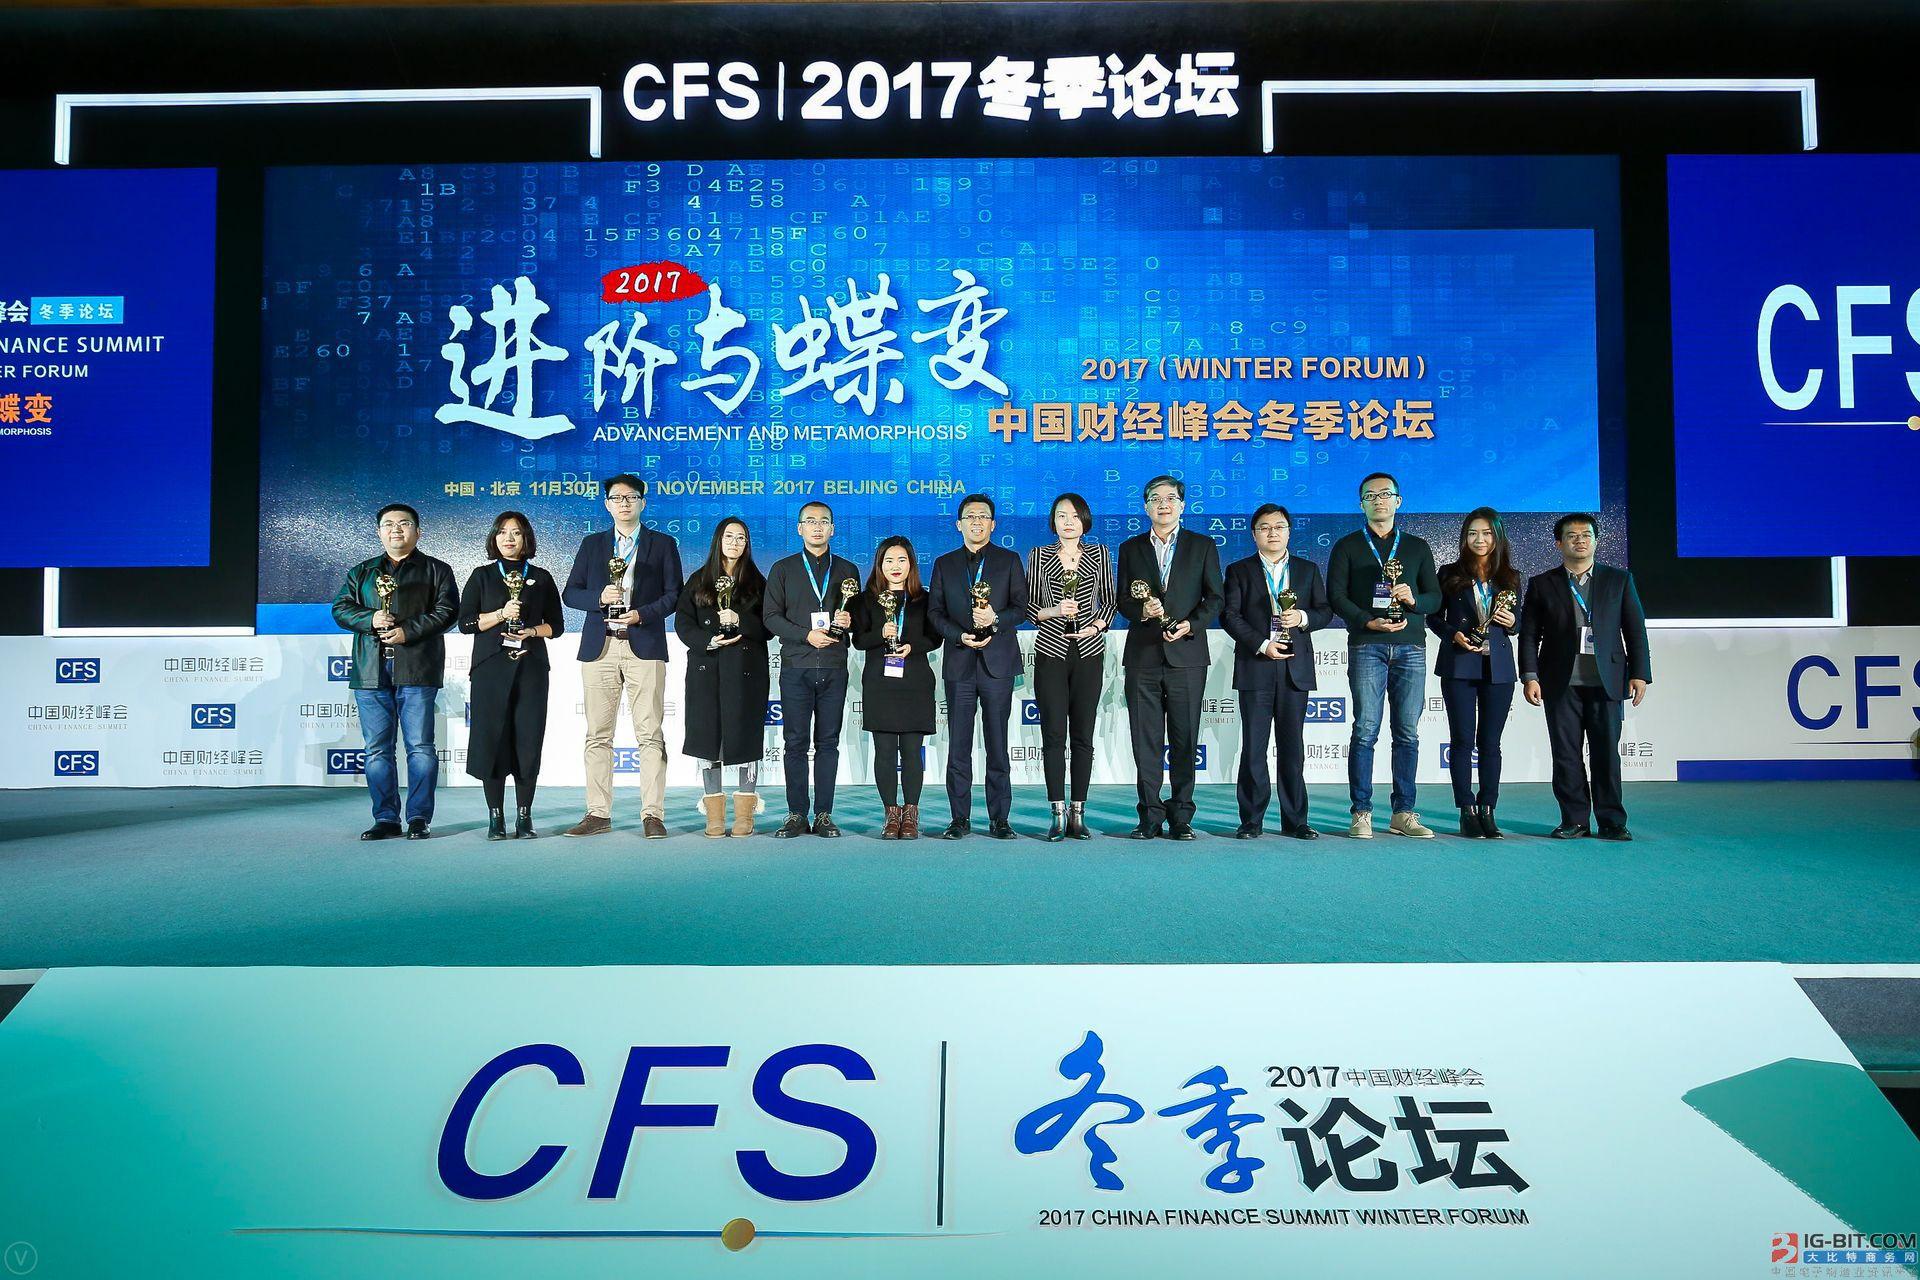 """慧荣科技荣获中国财经峰会""""2017年度最具影响力企业大奖"""""""